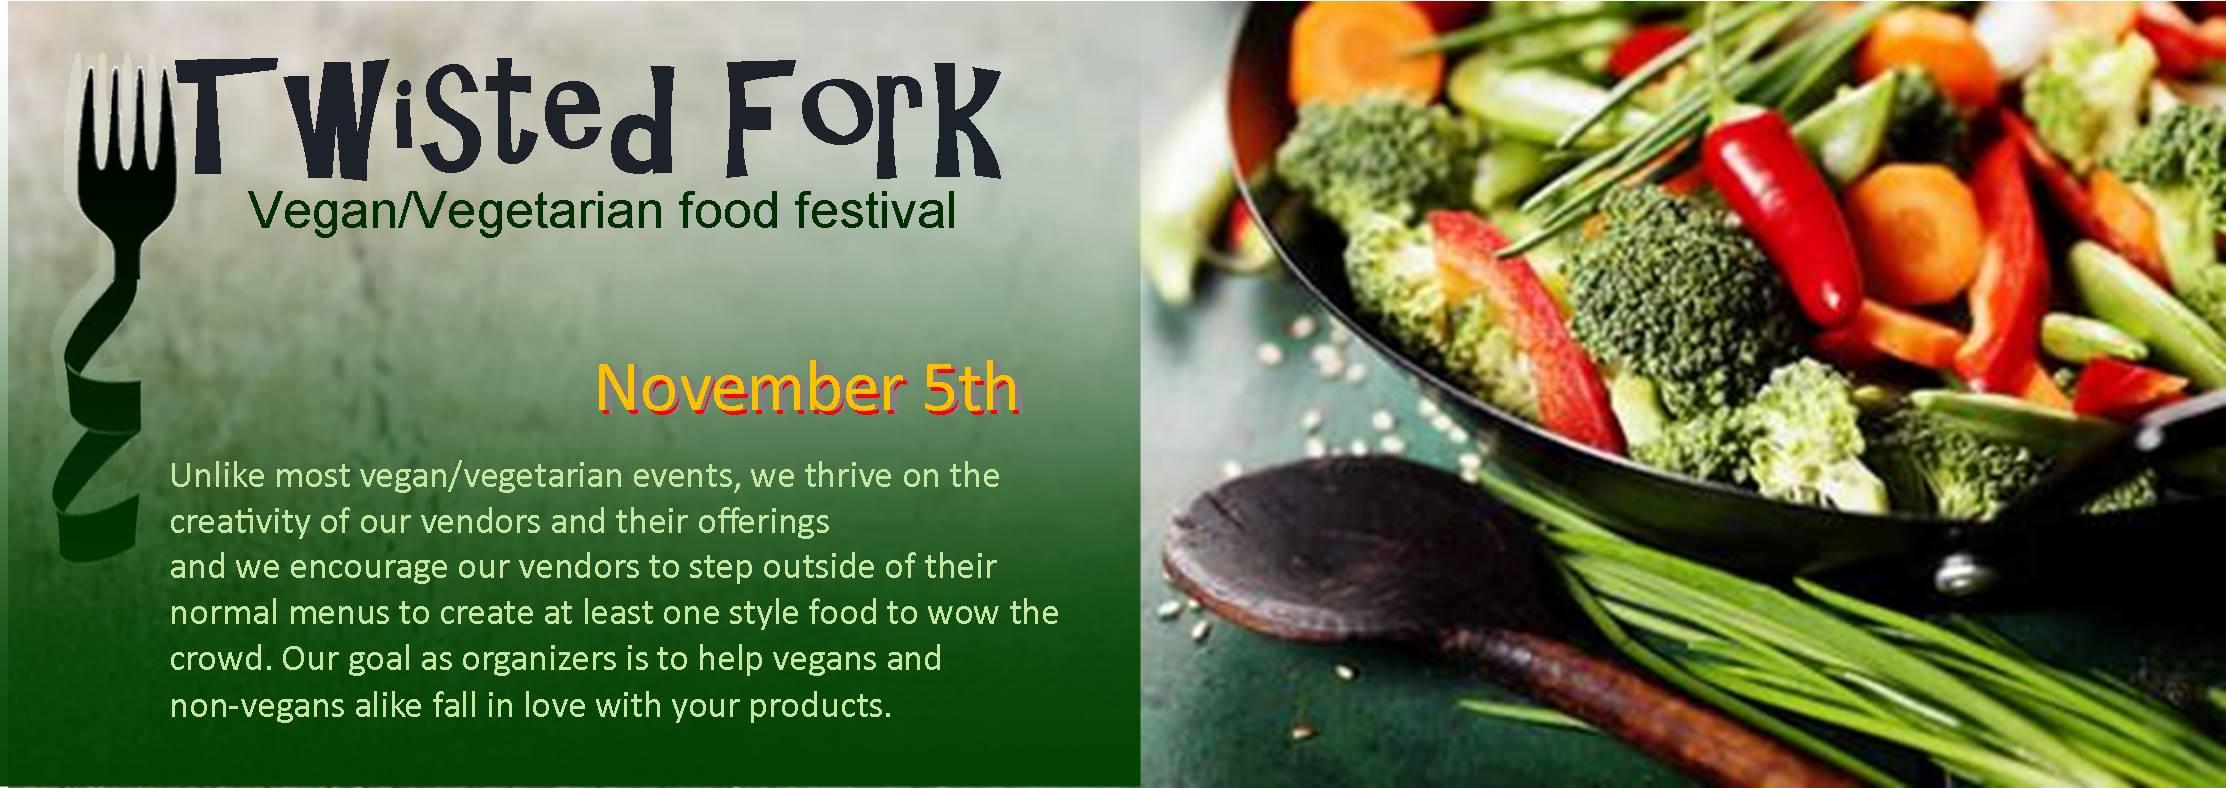 Twisted Fork – Vegan/Vegetarian Festival